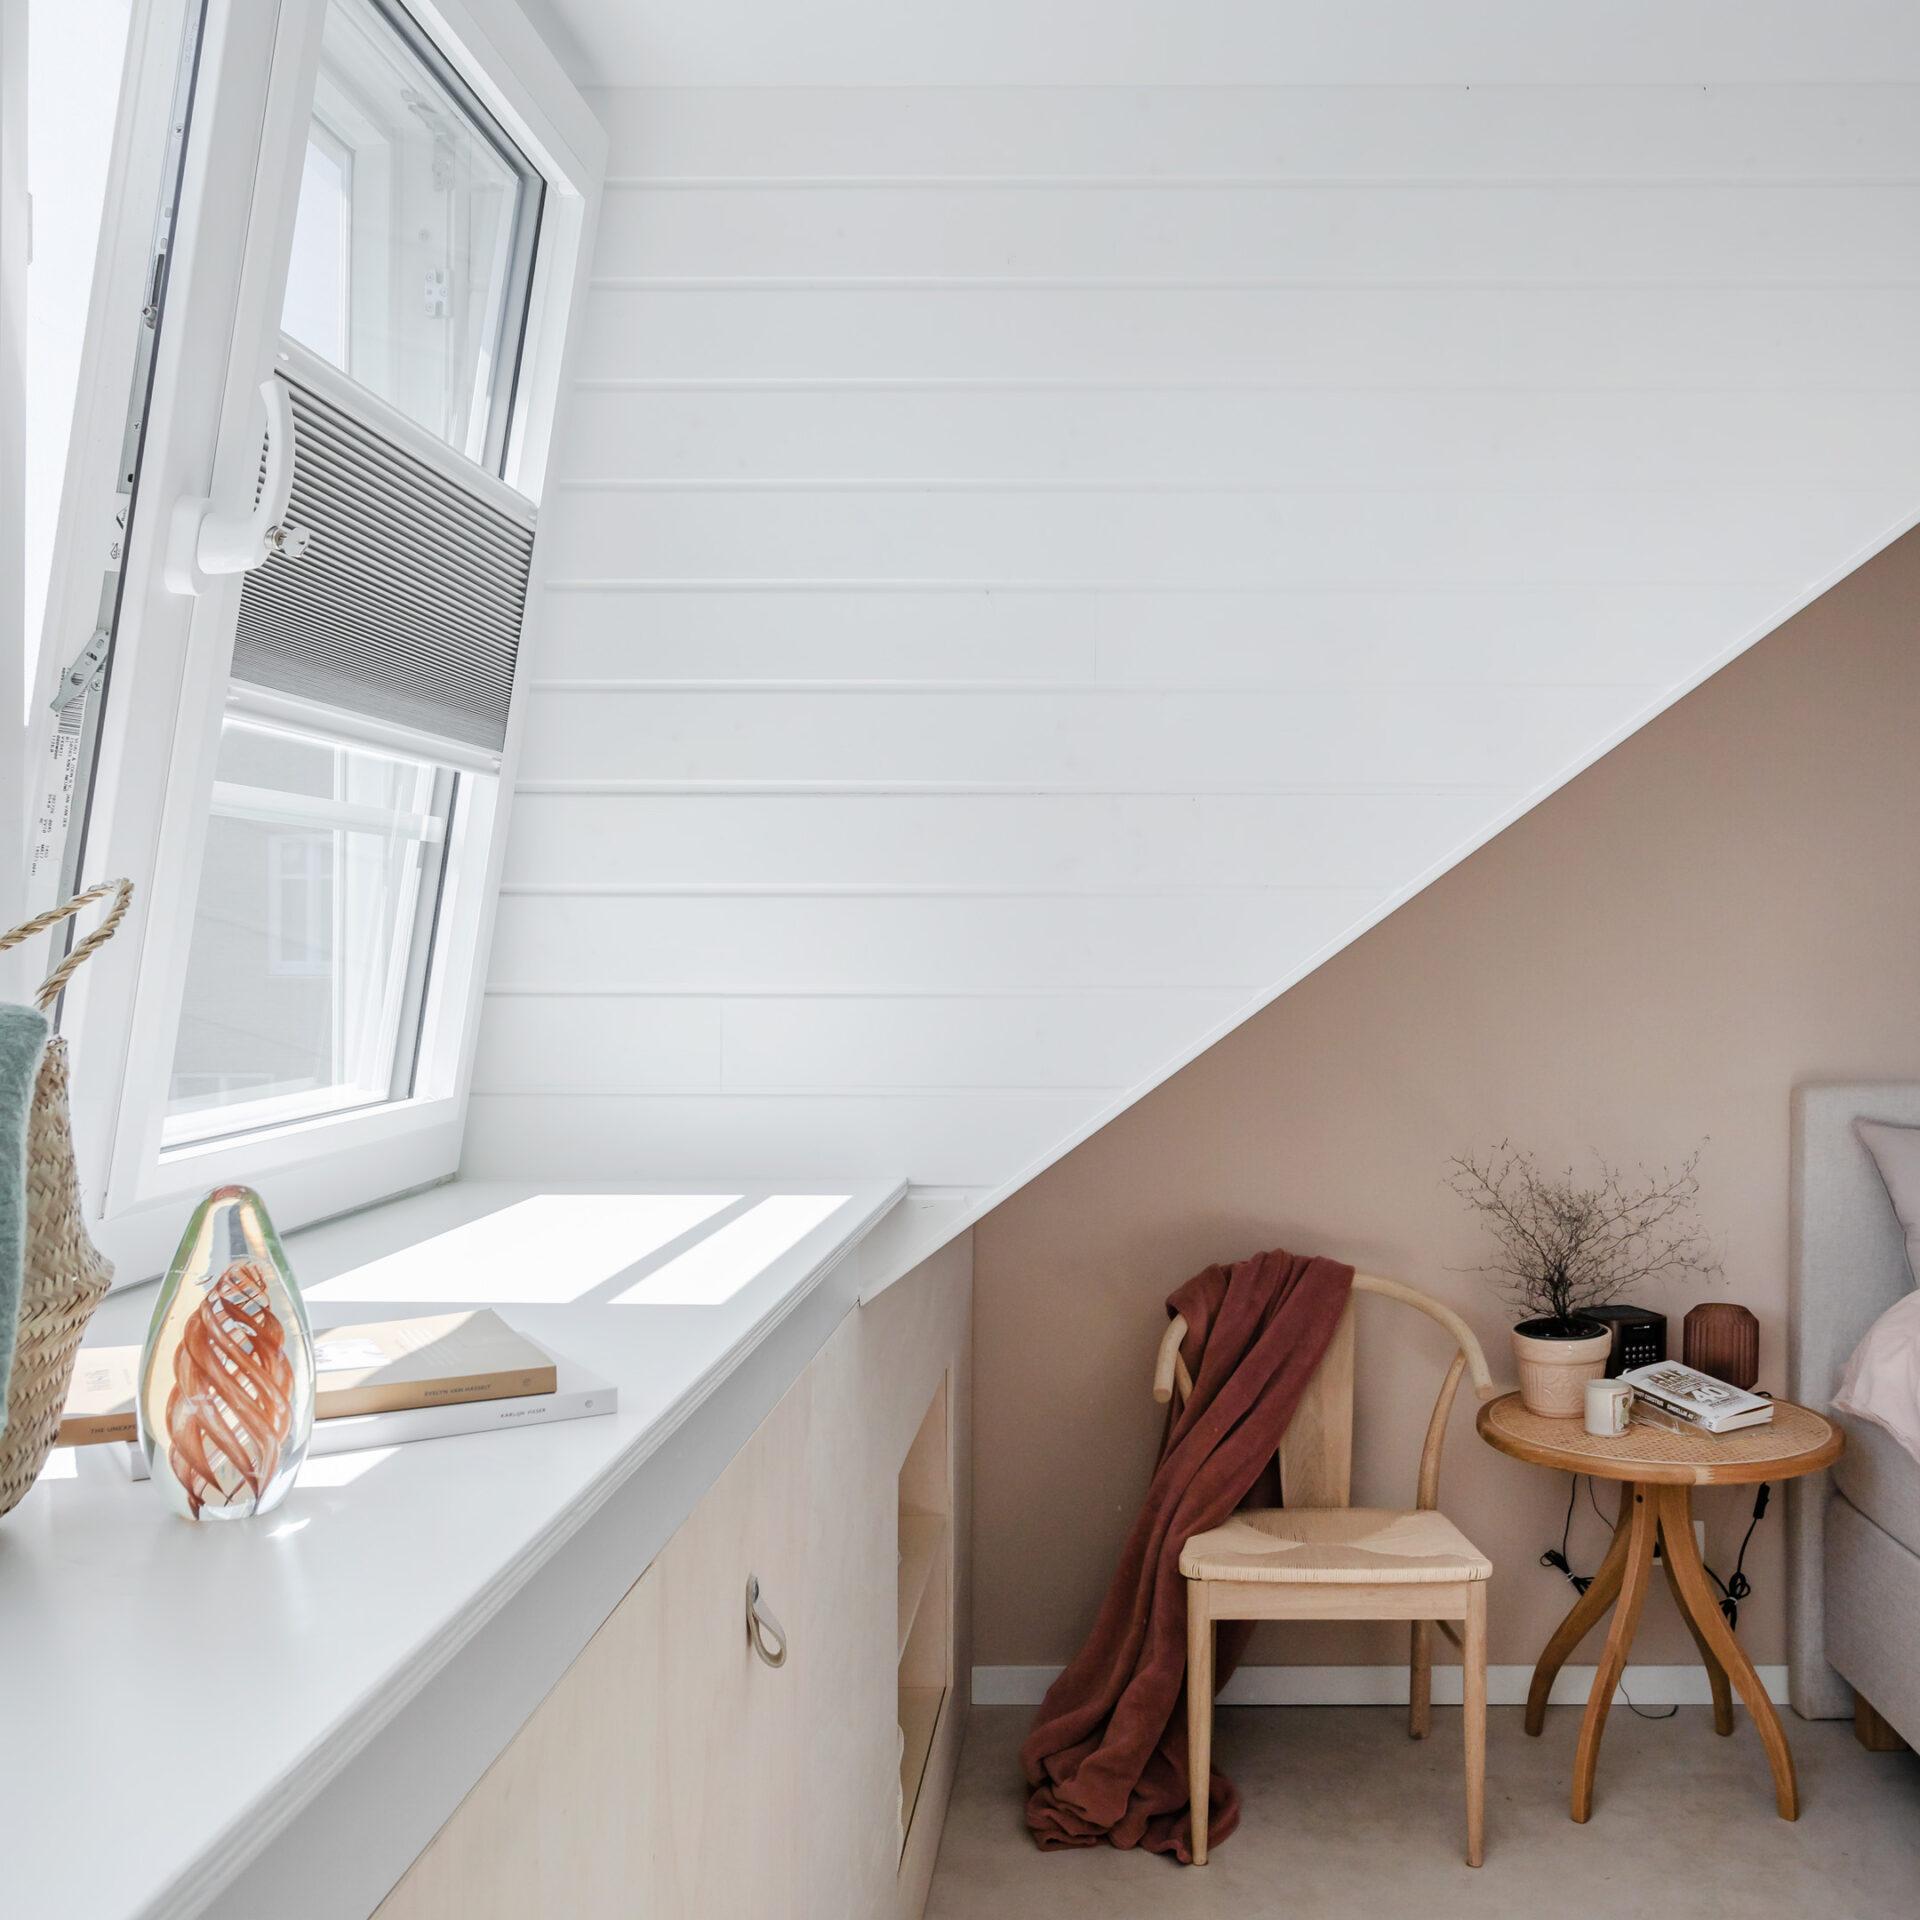 Select Windows Kunststof kozijnen - Onderhoudsarme dakkapel in Haarlemmermeer - kunststof draaikiepraam